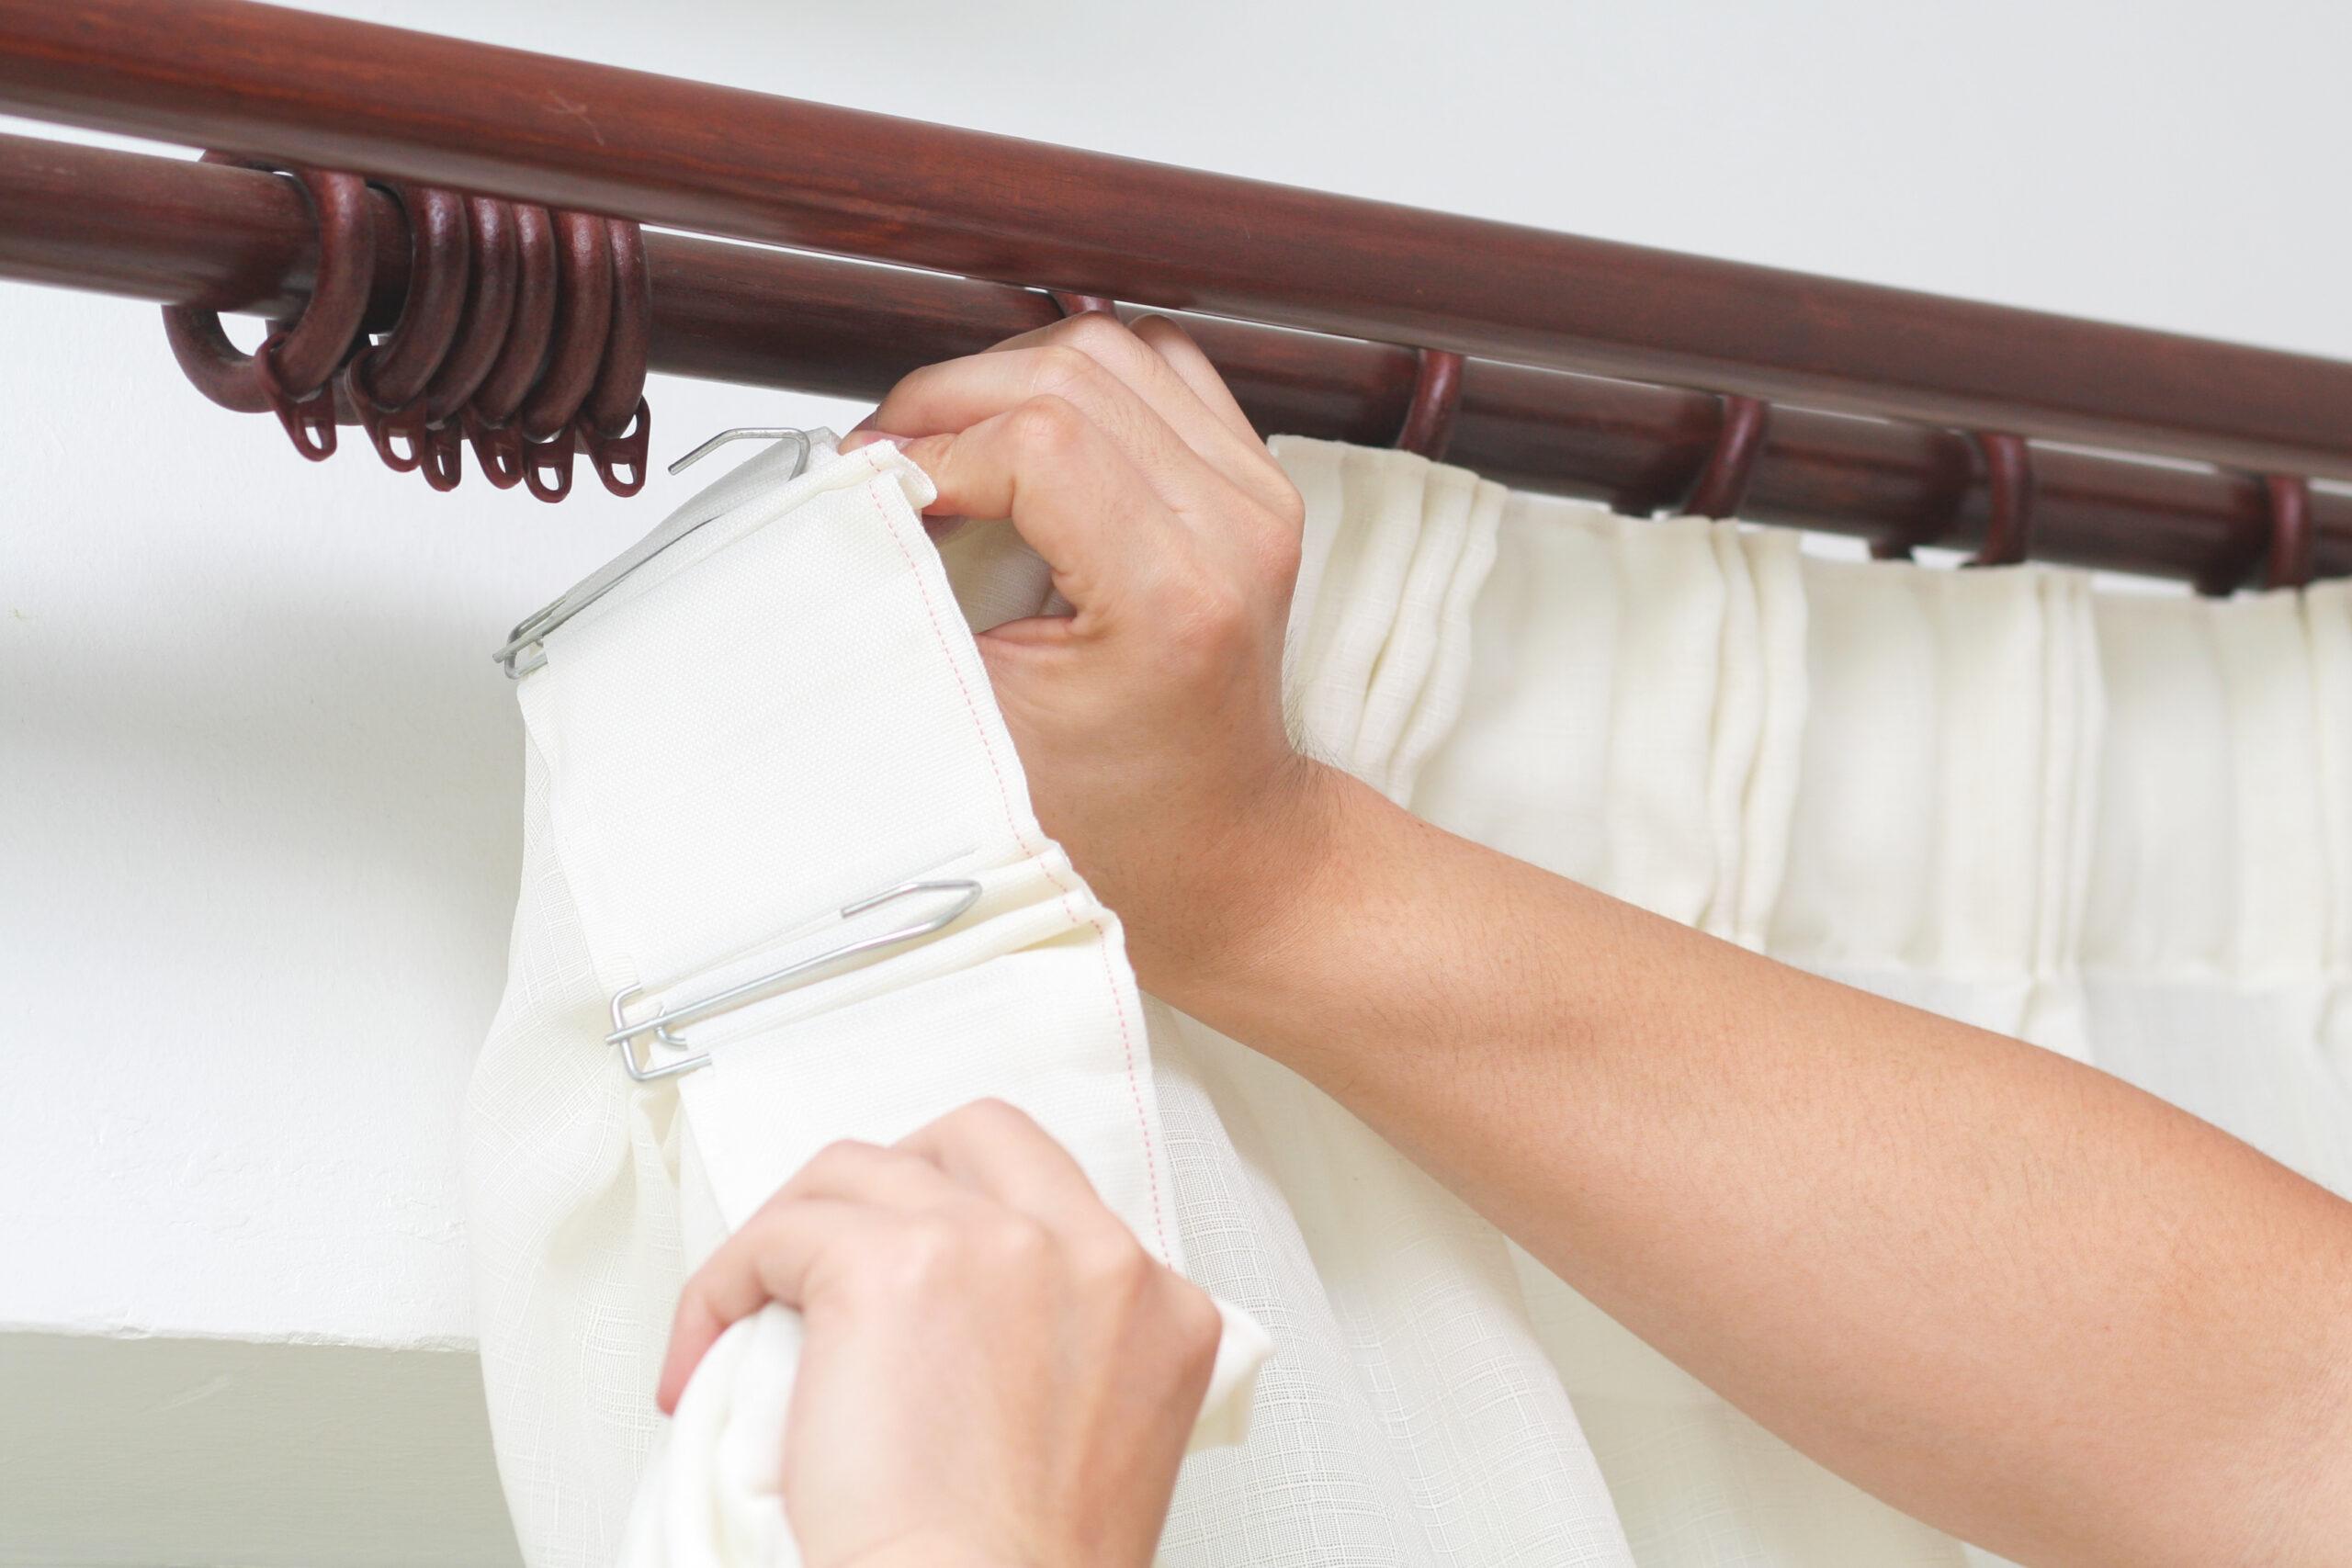 Full Size of Modern Vorhänge Gardinen Richtig Aufhngen 5 Klassische Und Moderne Varianten Esstisch Deckenleuchte Schlafzimmer Modernes Bett Design Küche Holz Sofa Wohnzimmer Modern Vorhänge